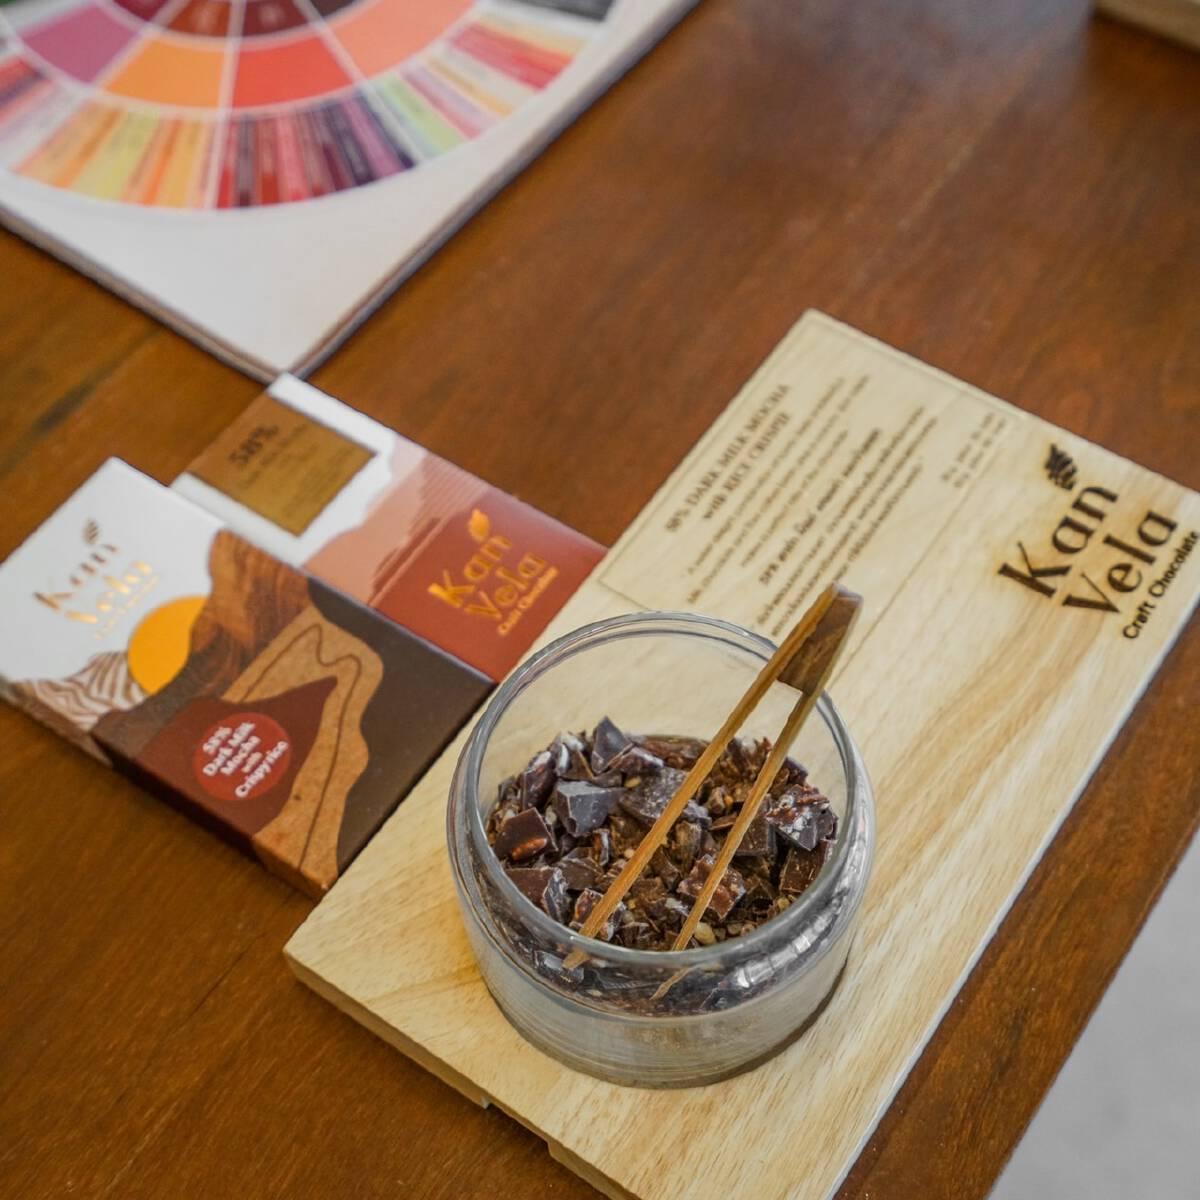 ช็อคโกแลตเชียงใหม่คว้า5รางวัลระดับโลก